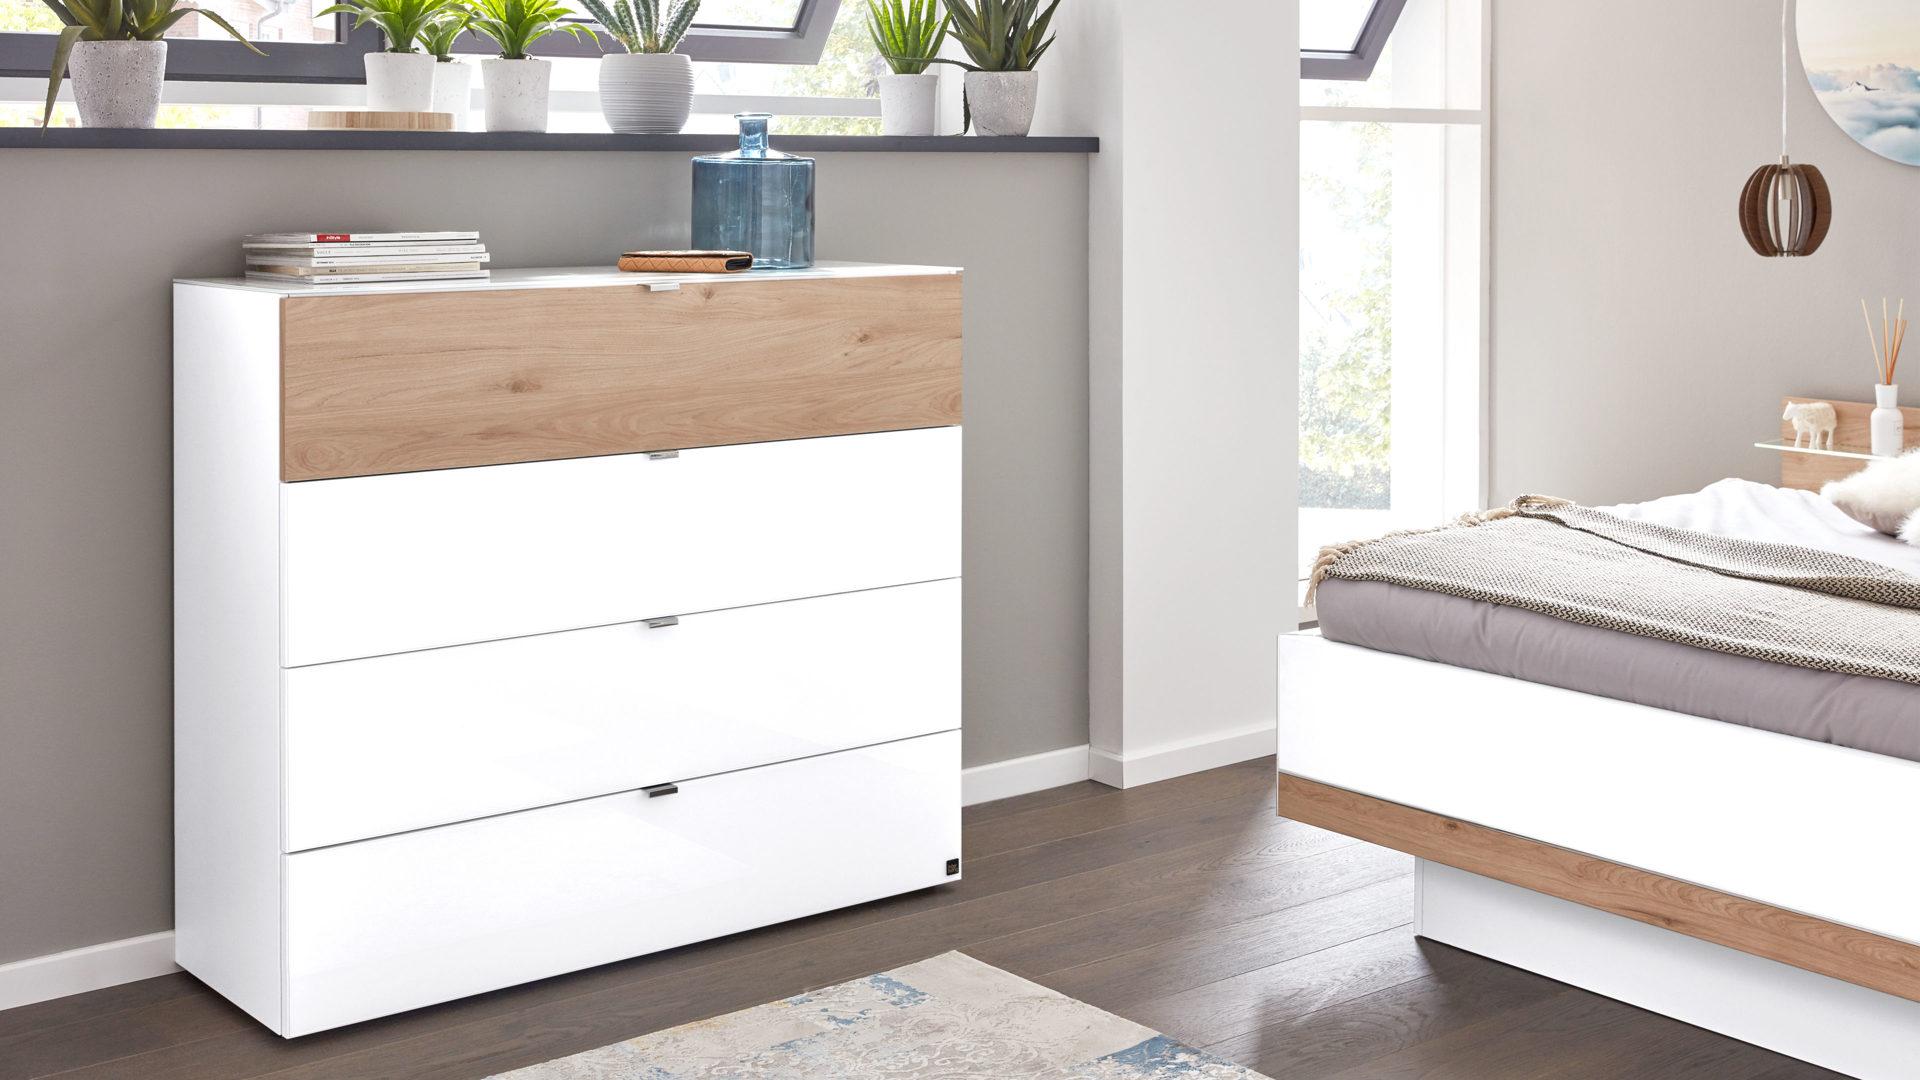 Interliving Schlafzimmer Serie 1010 – Schubladenkommode, weißes Glas &  Jackson eichefarbene Kunststoffoberflächen – vier S